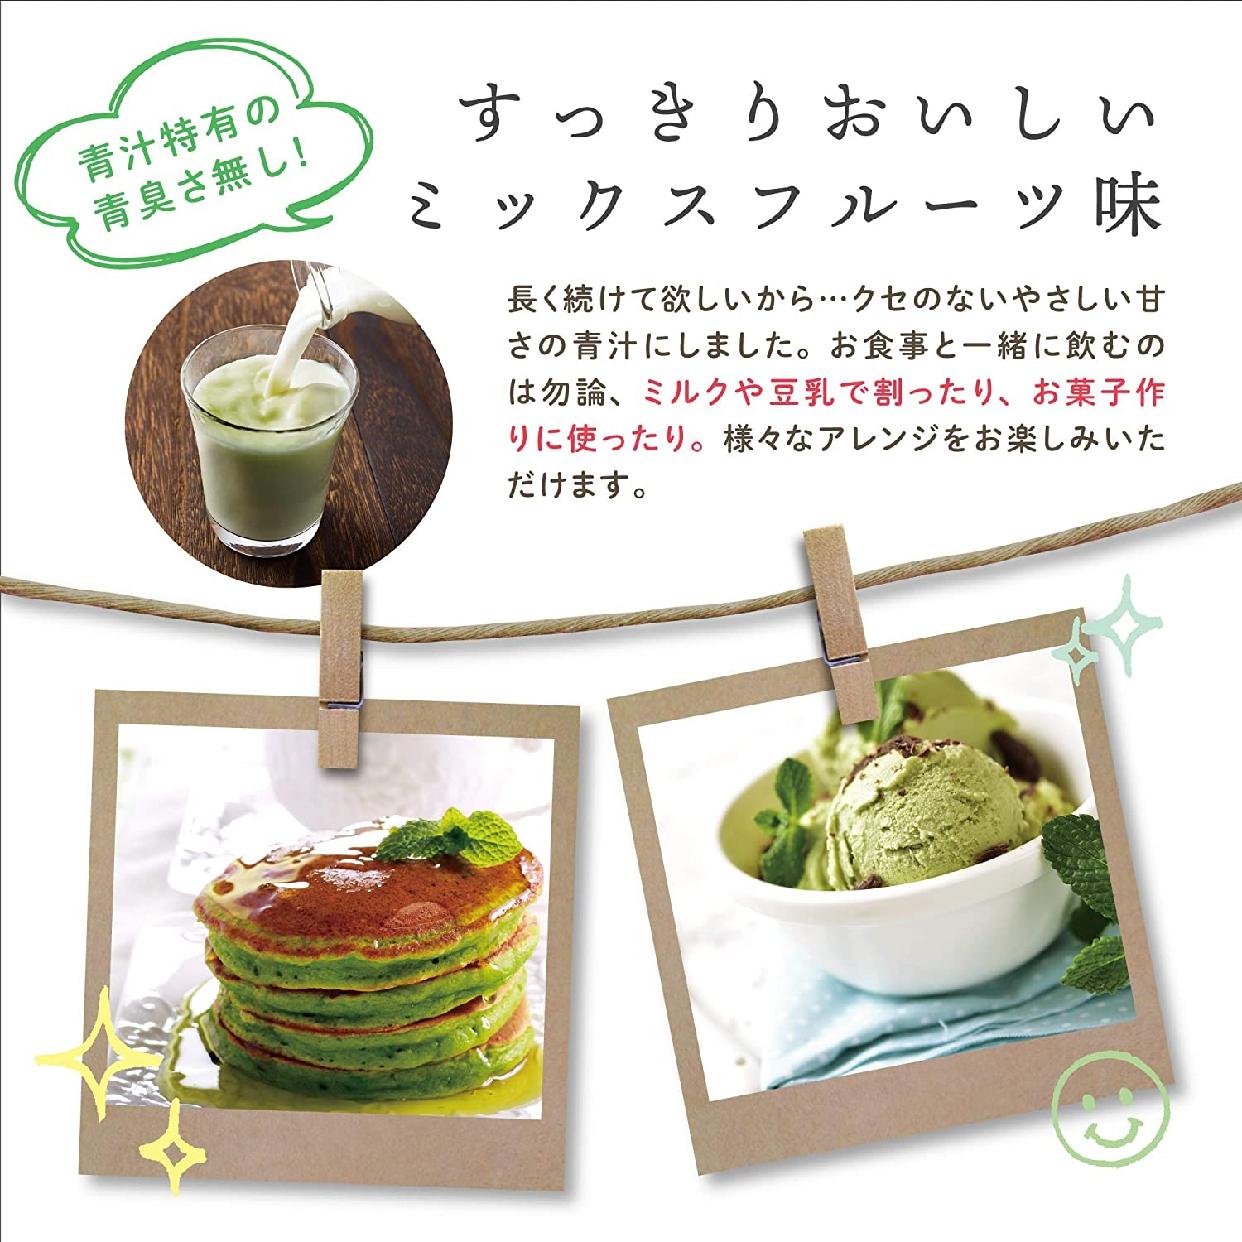 Re:fata(リファータ)フルーツと野菜のおいしい青汁の商品画像8